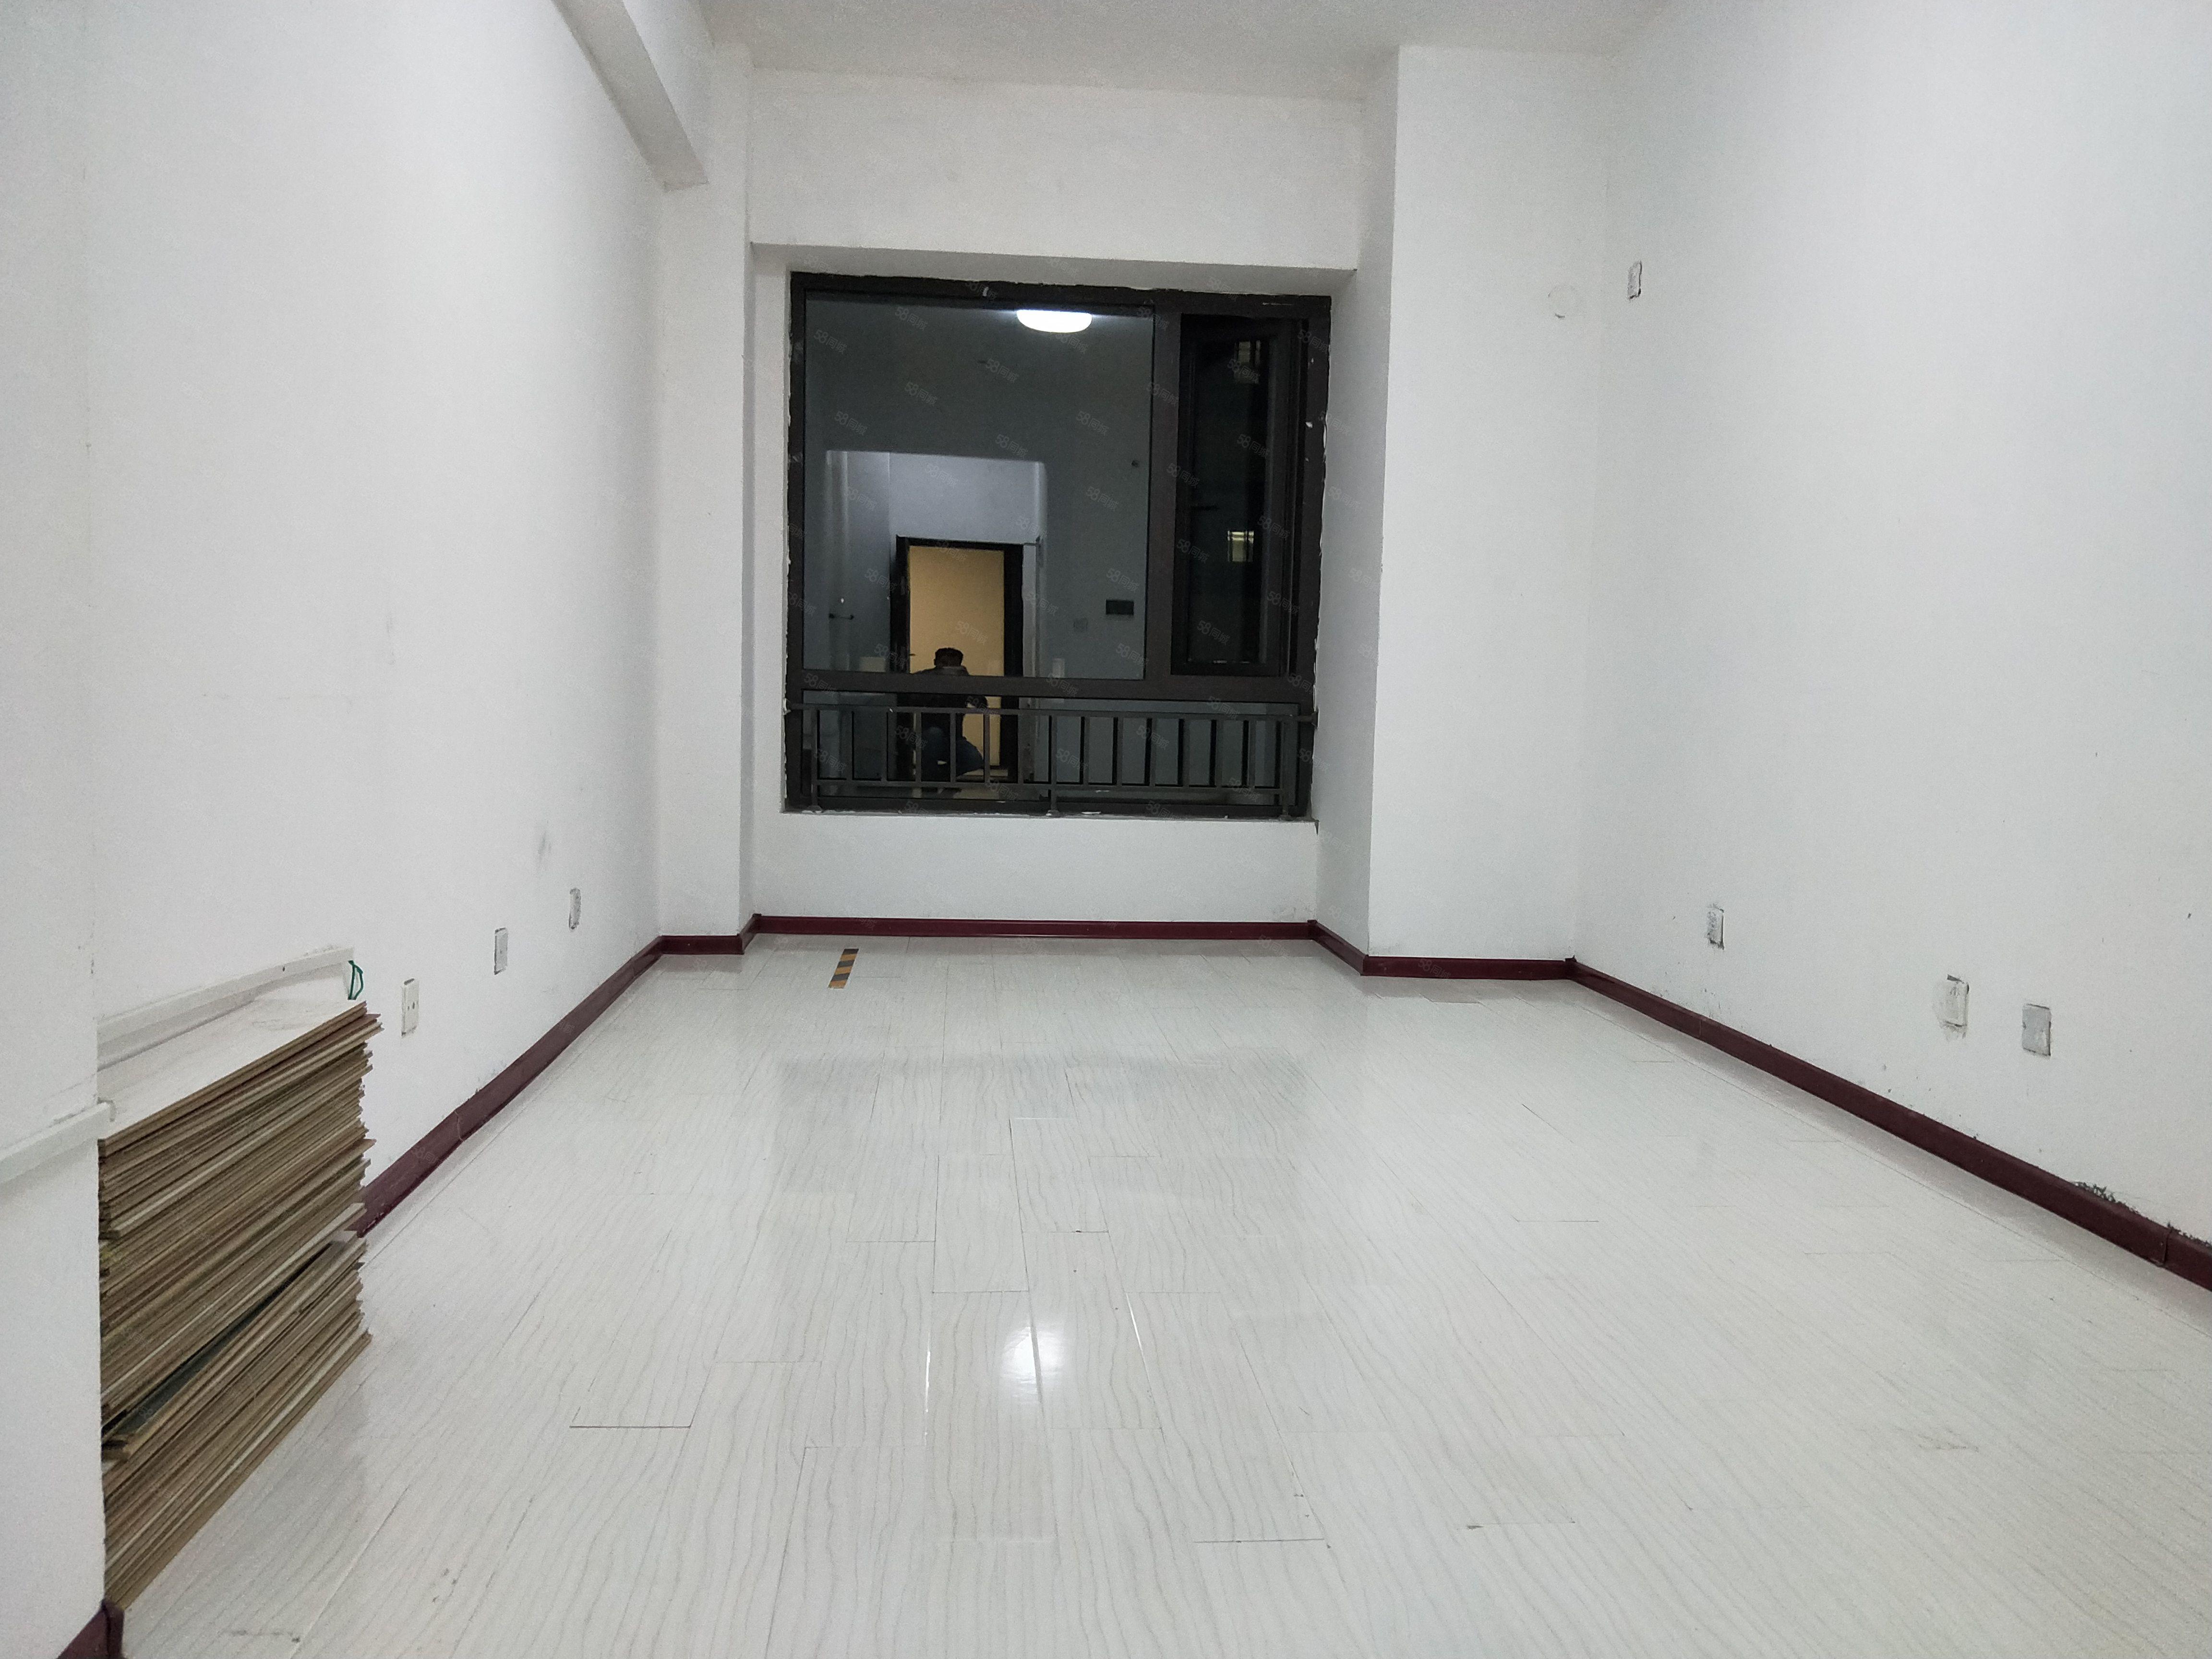 高新区标间出租,独立标间可按要求搭配家具